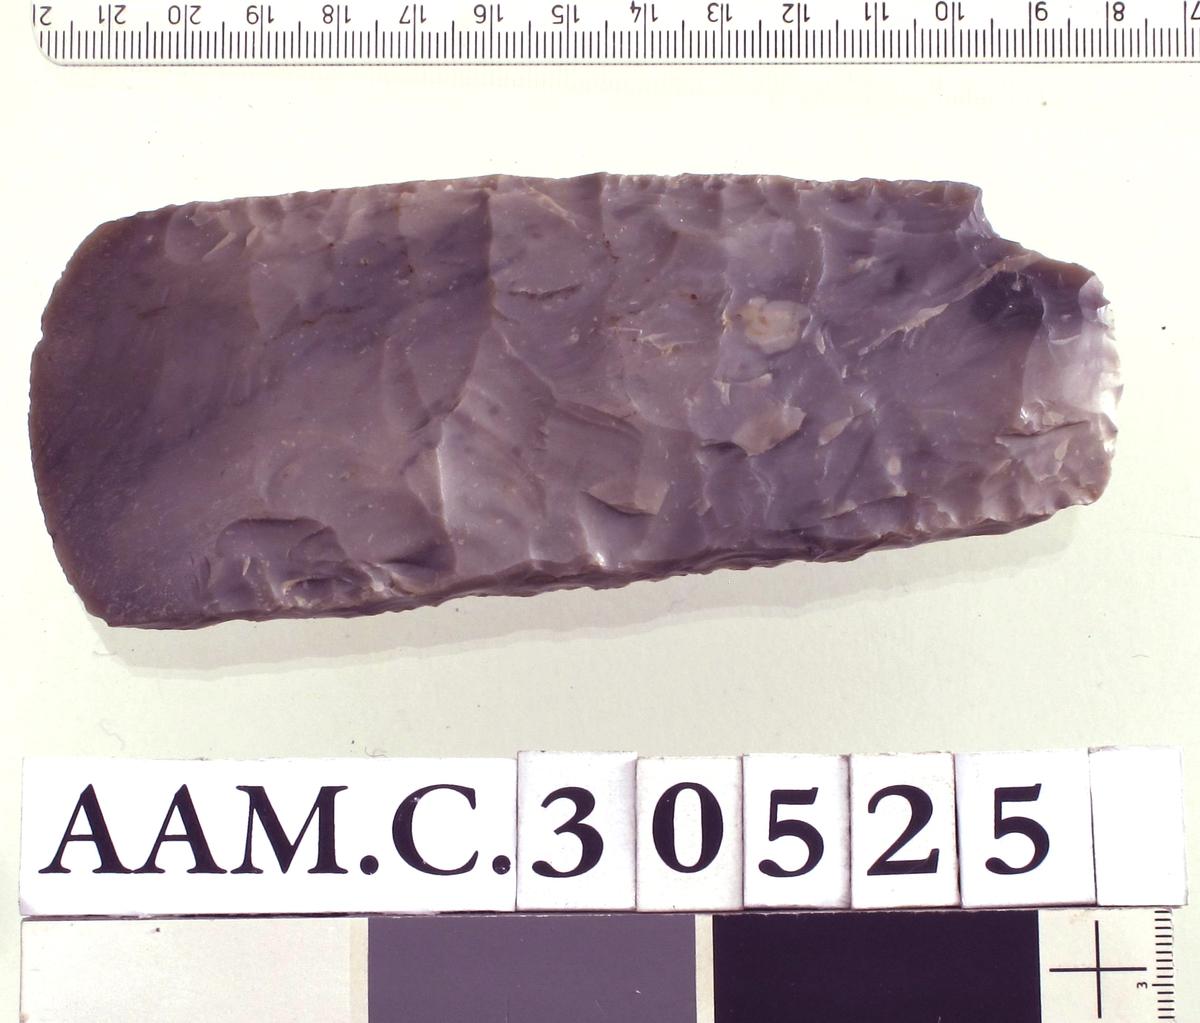 Tykknakket, tynnbladet øks av lys grå flint nærmest som E. Hinsch: B.M.Å. 1954, Hist. ant. rekke, nr. 1, fig. 84 b, men bare den ene bredsiden hvelvet. På den andre siden, som er flat, sitter en del av kalkskorpen igjen. Kun eggen slipt. Pent hugget. Et skall avslått ved nakken, ellers godt bevart.Lengde 13,8 cm, bredde over eggen 5,7 cm.